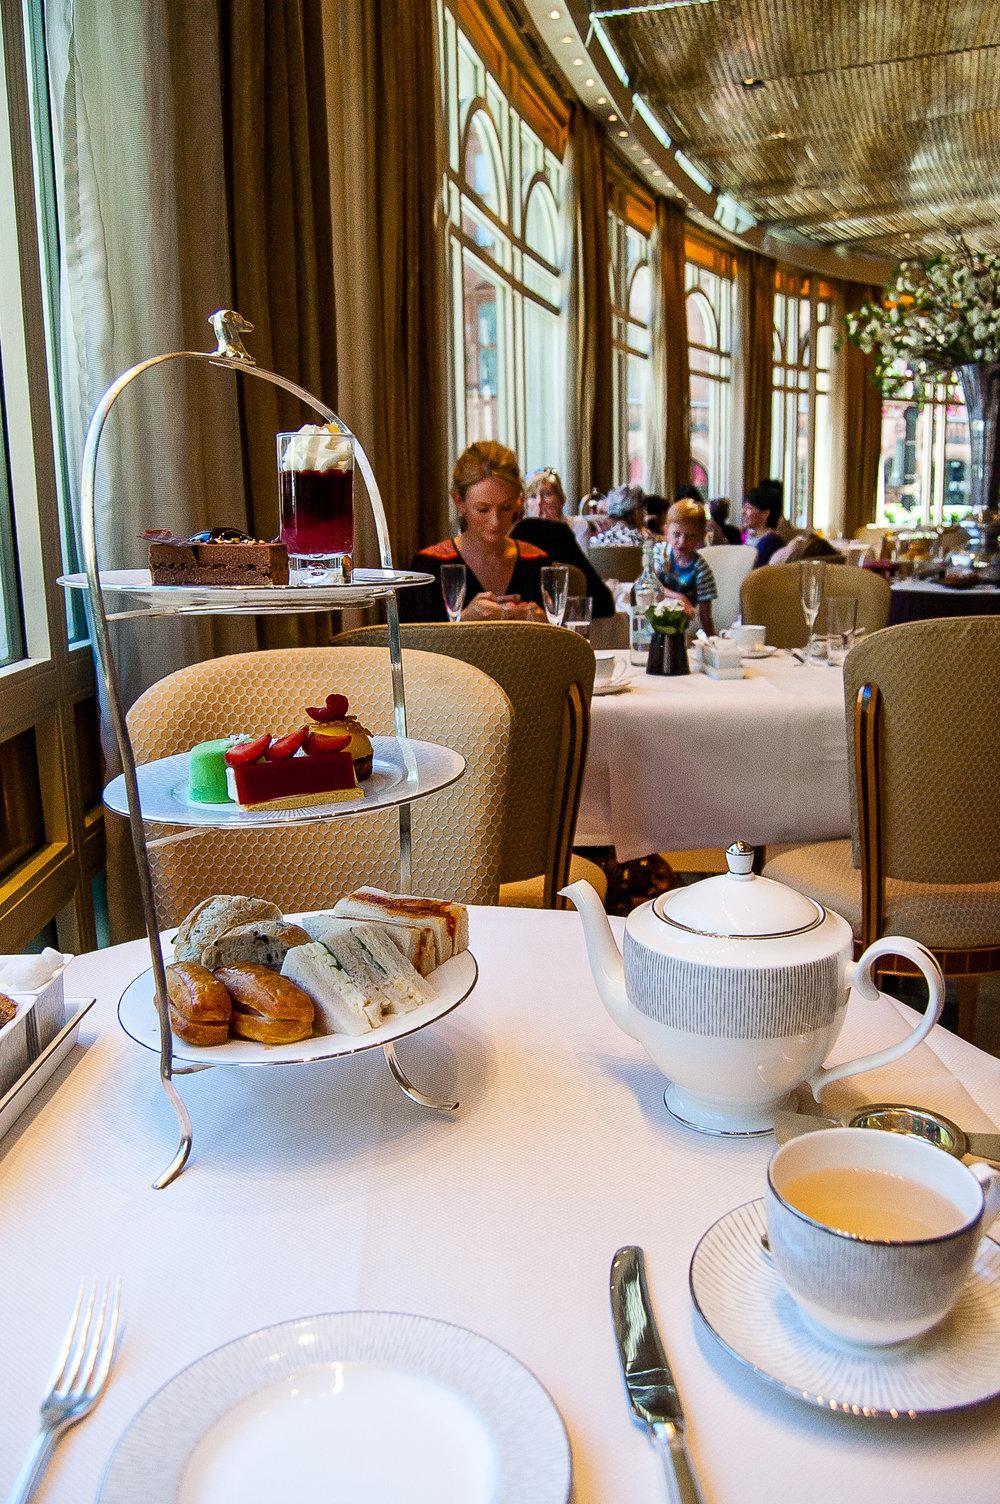 The spread: Round 1. Tea: Silver Needles, a white tea with peach aroma